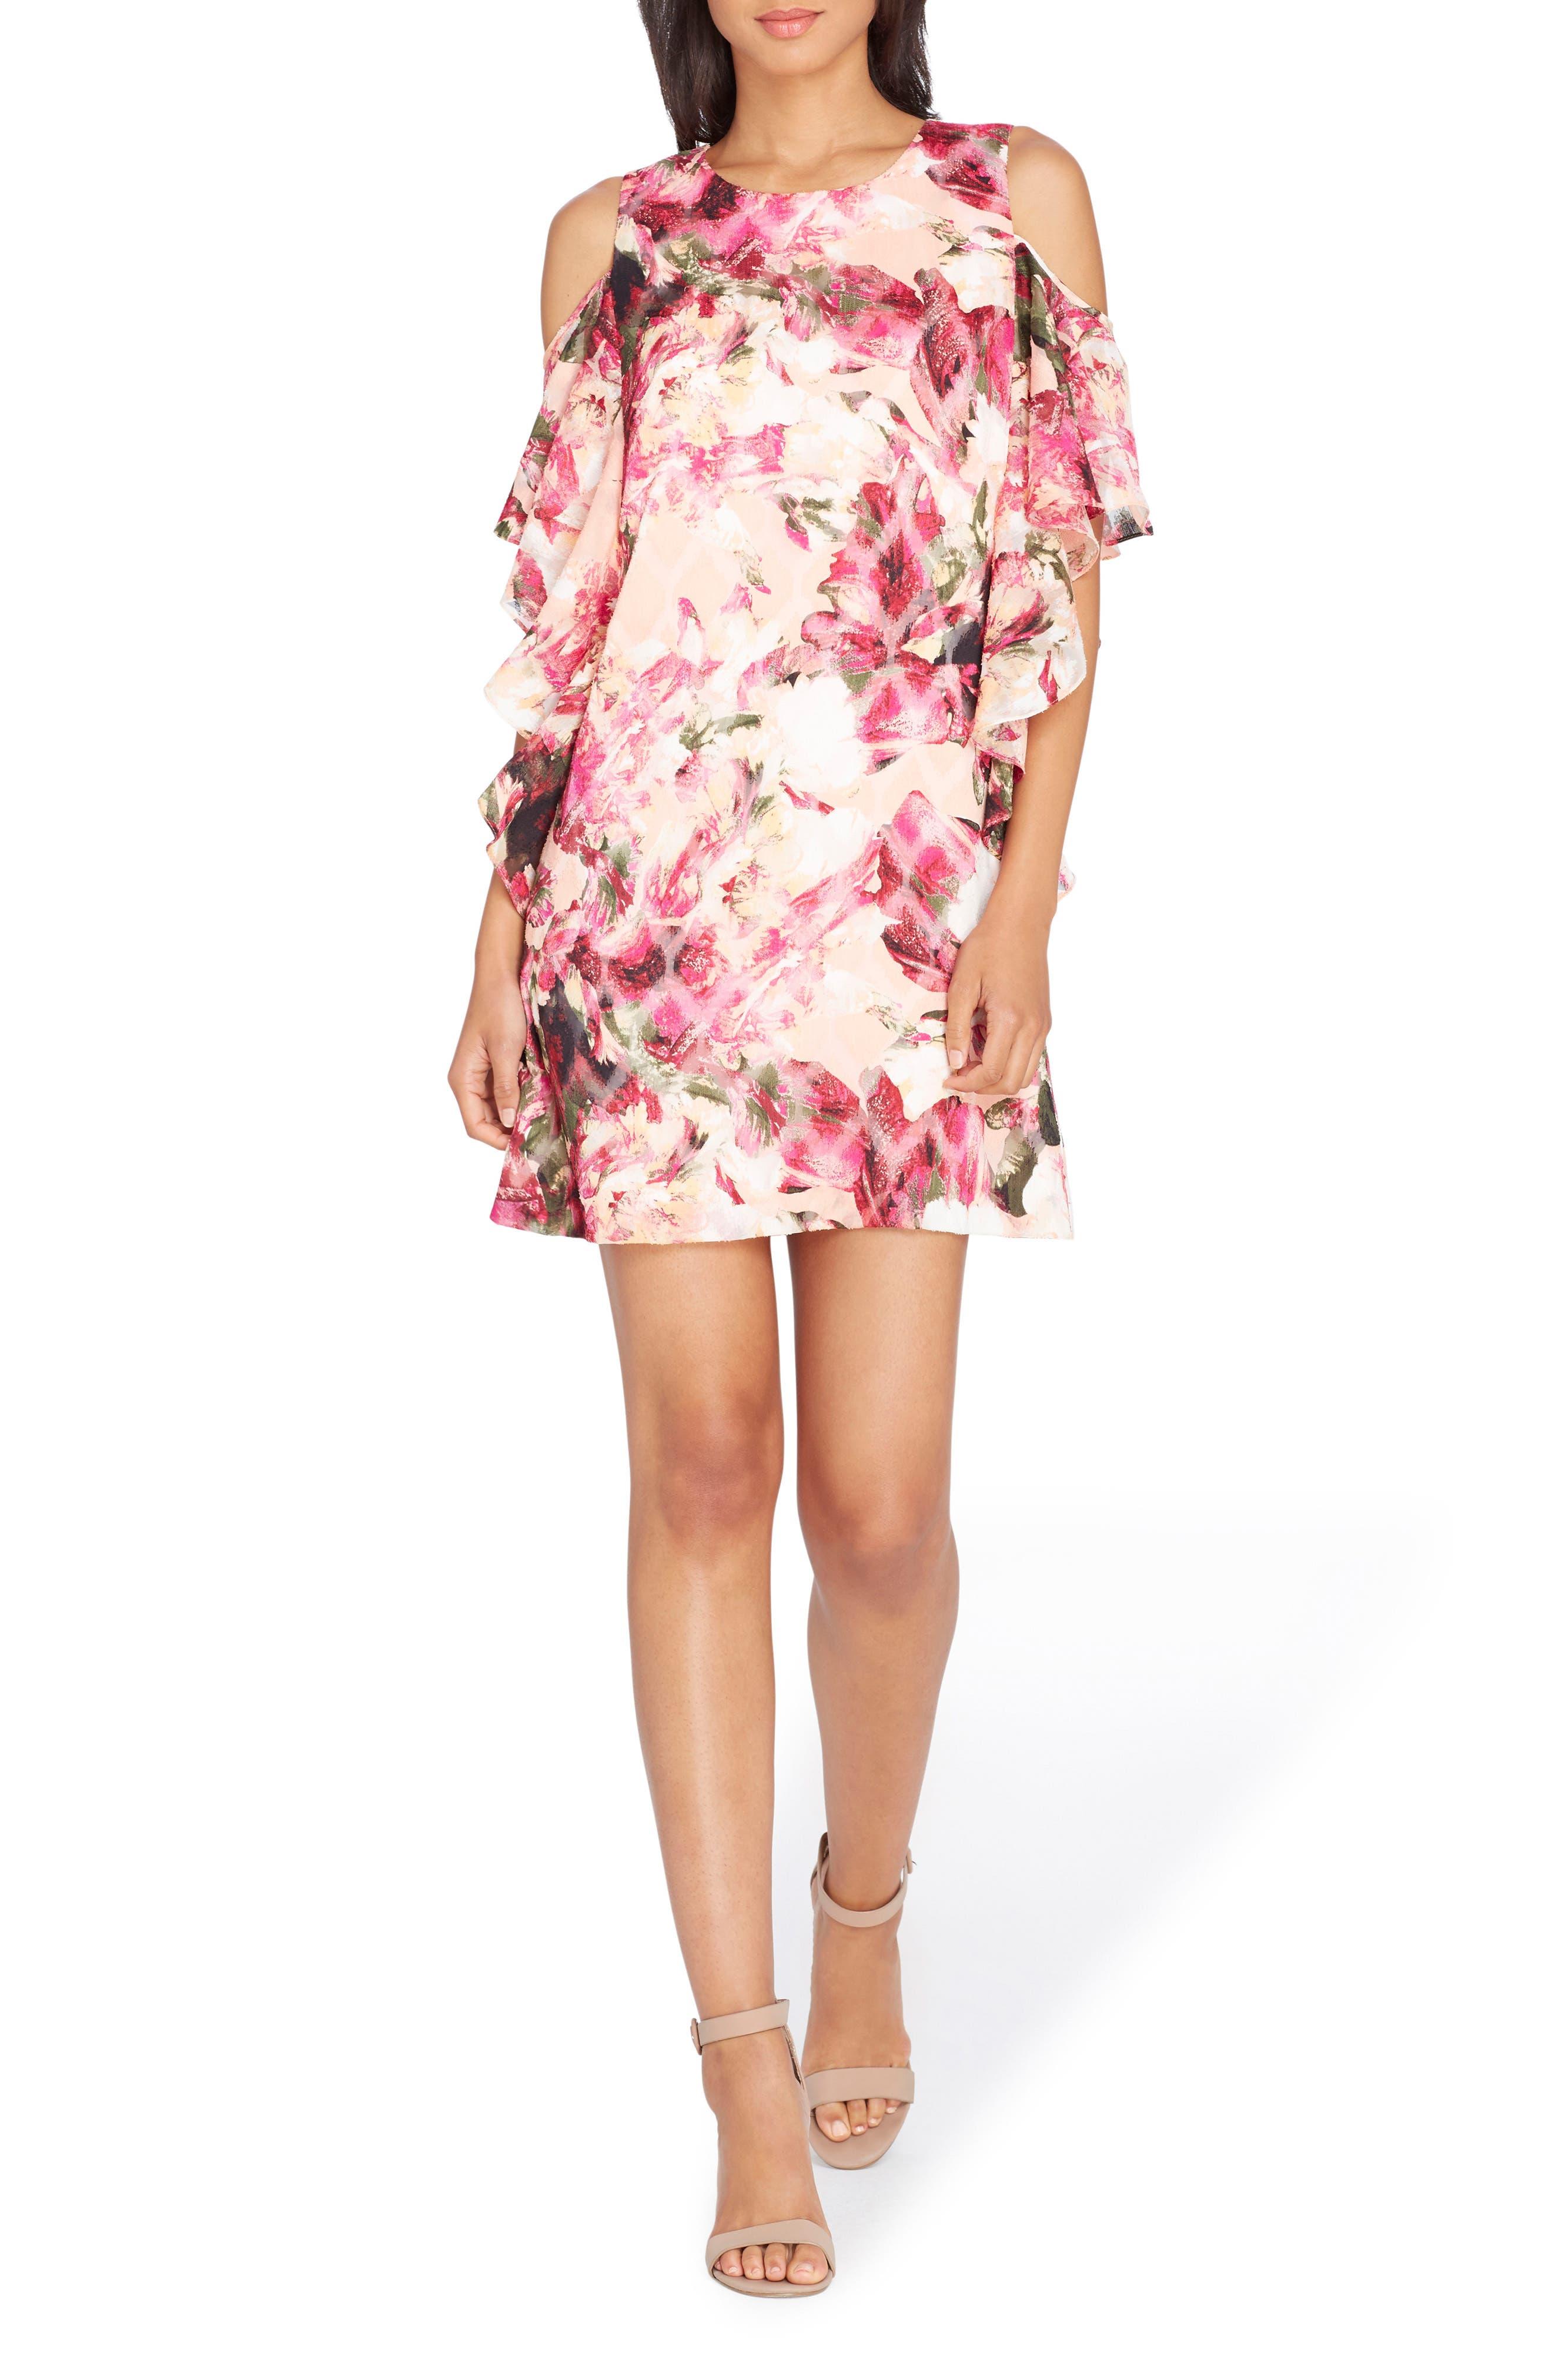 Alternate Image 1 Selected - Tahari Cold Shoulder Ruffle Dress